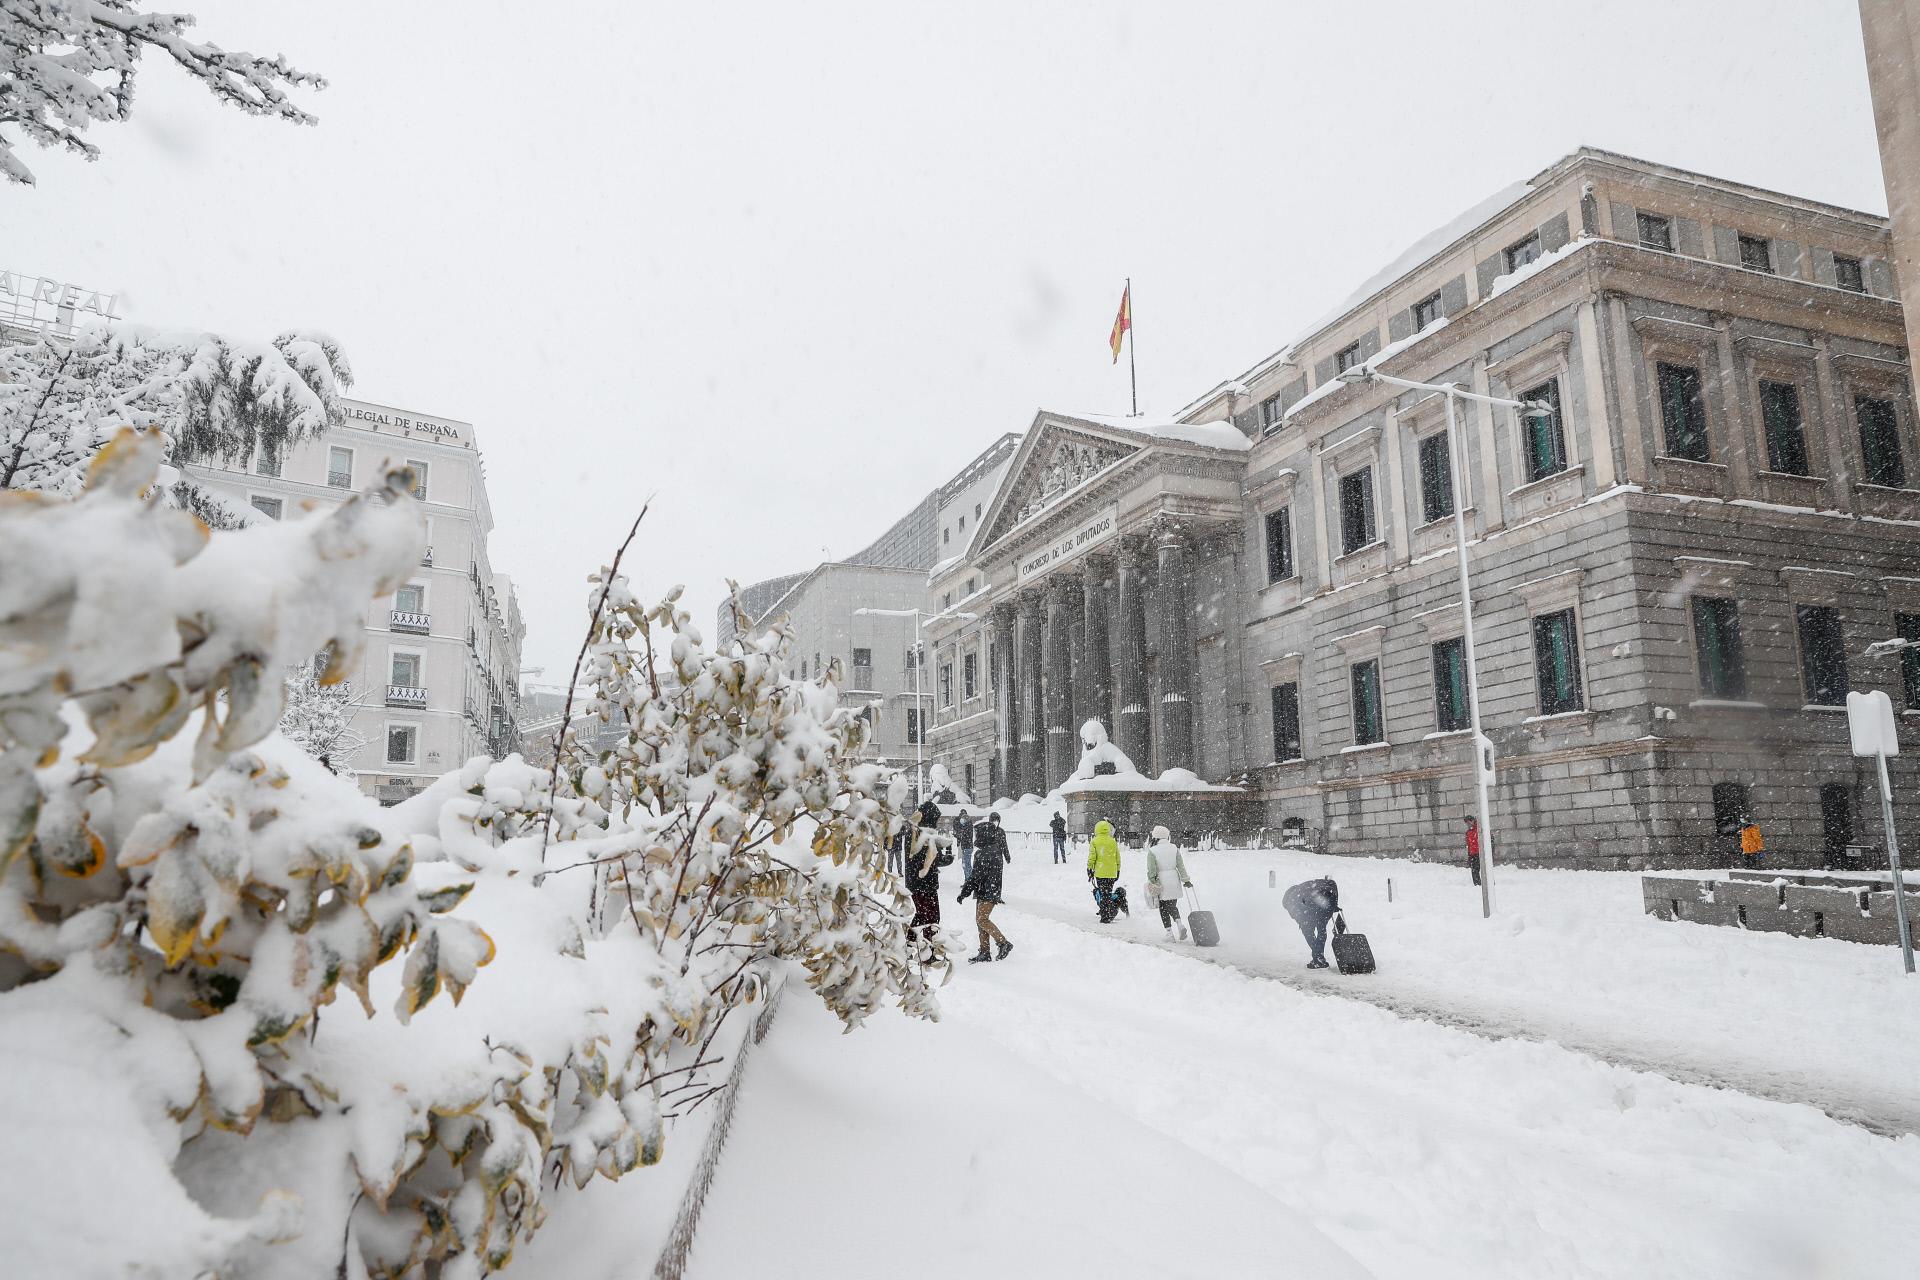 El Congreso de los Diputados, colapsado con los leones tapados por la nieve